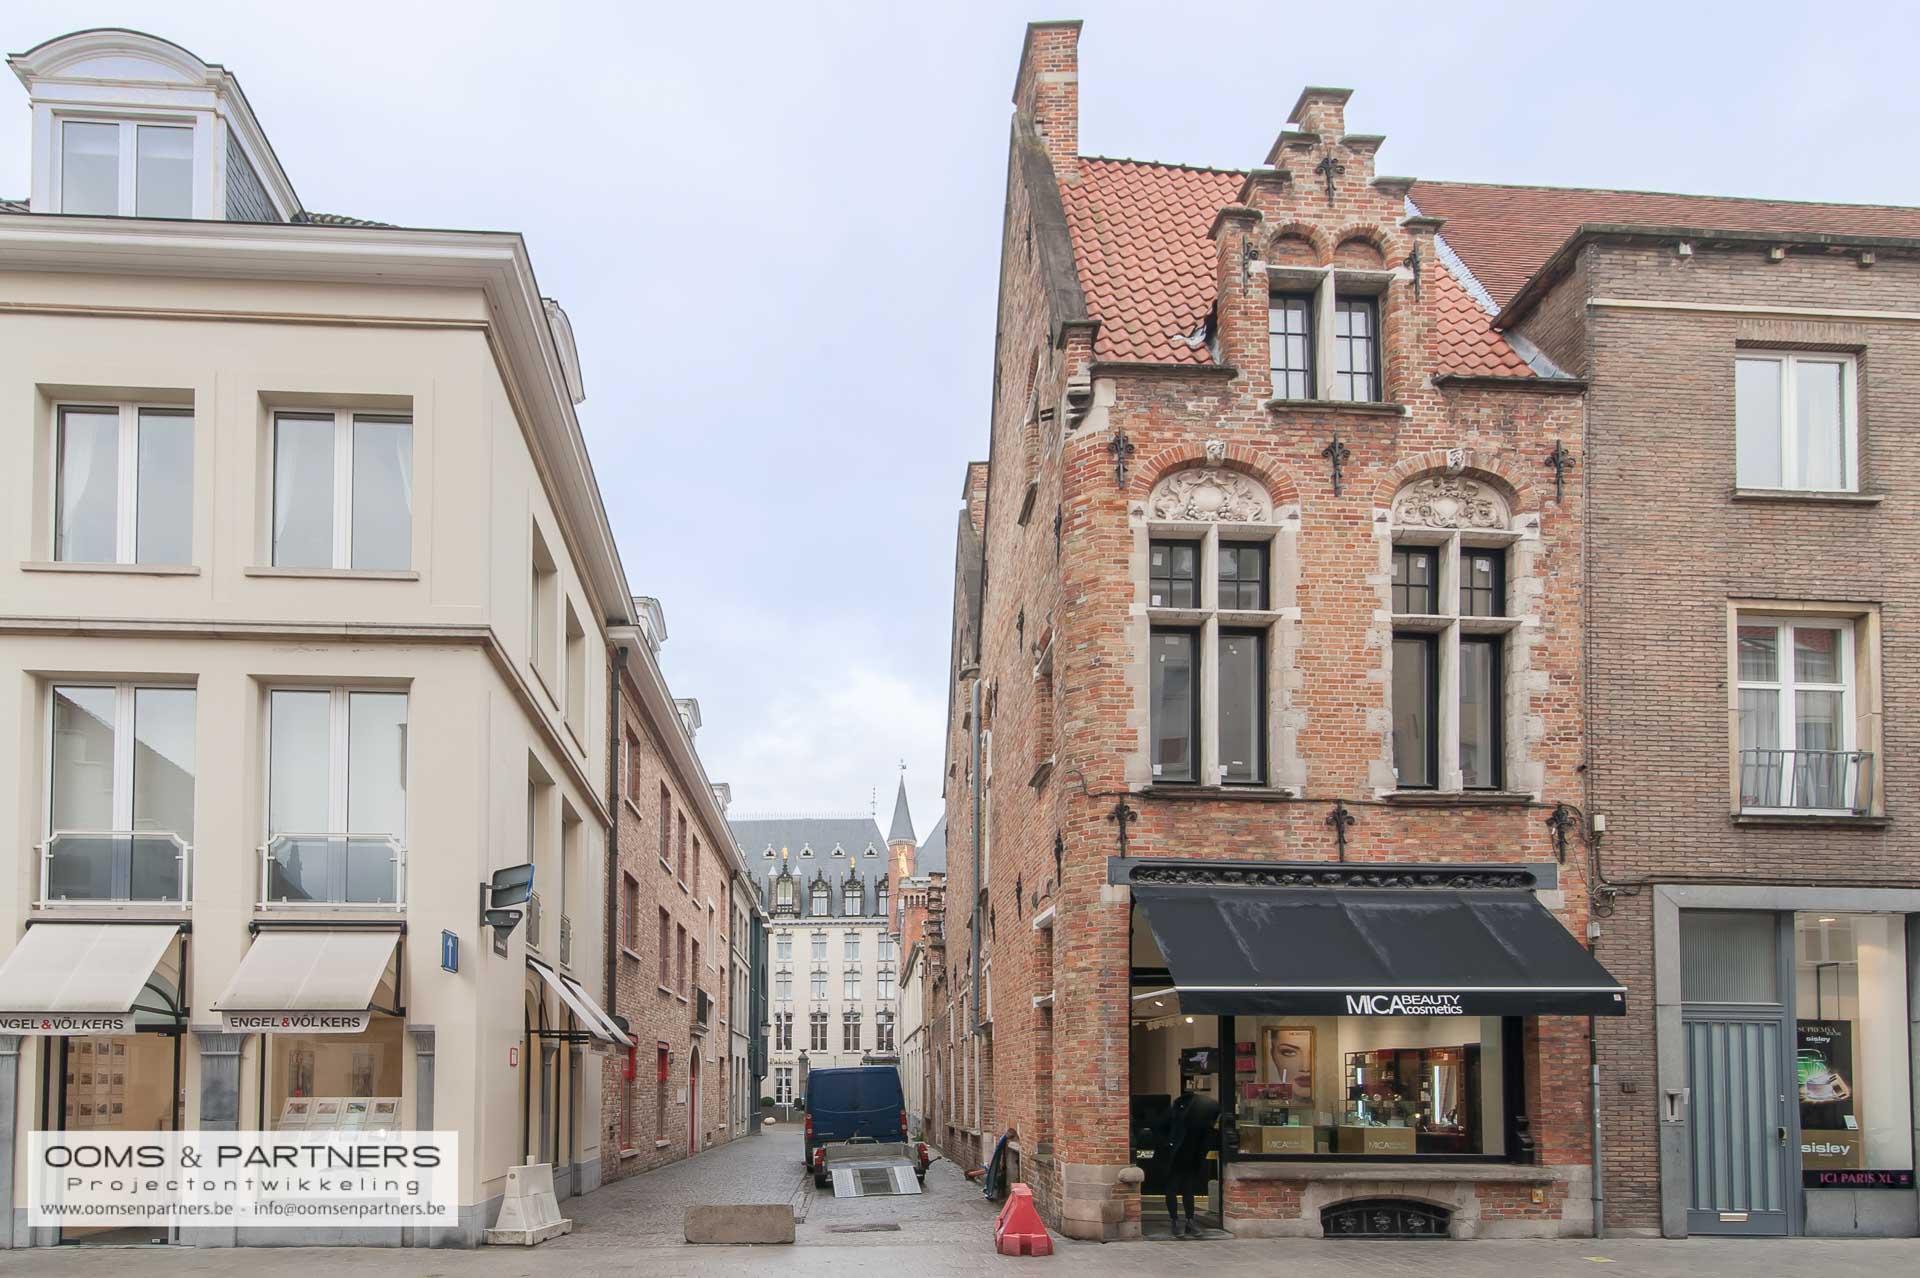 Lange_Herentalse10_VER_WM-20